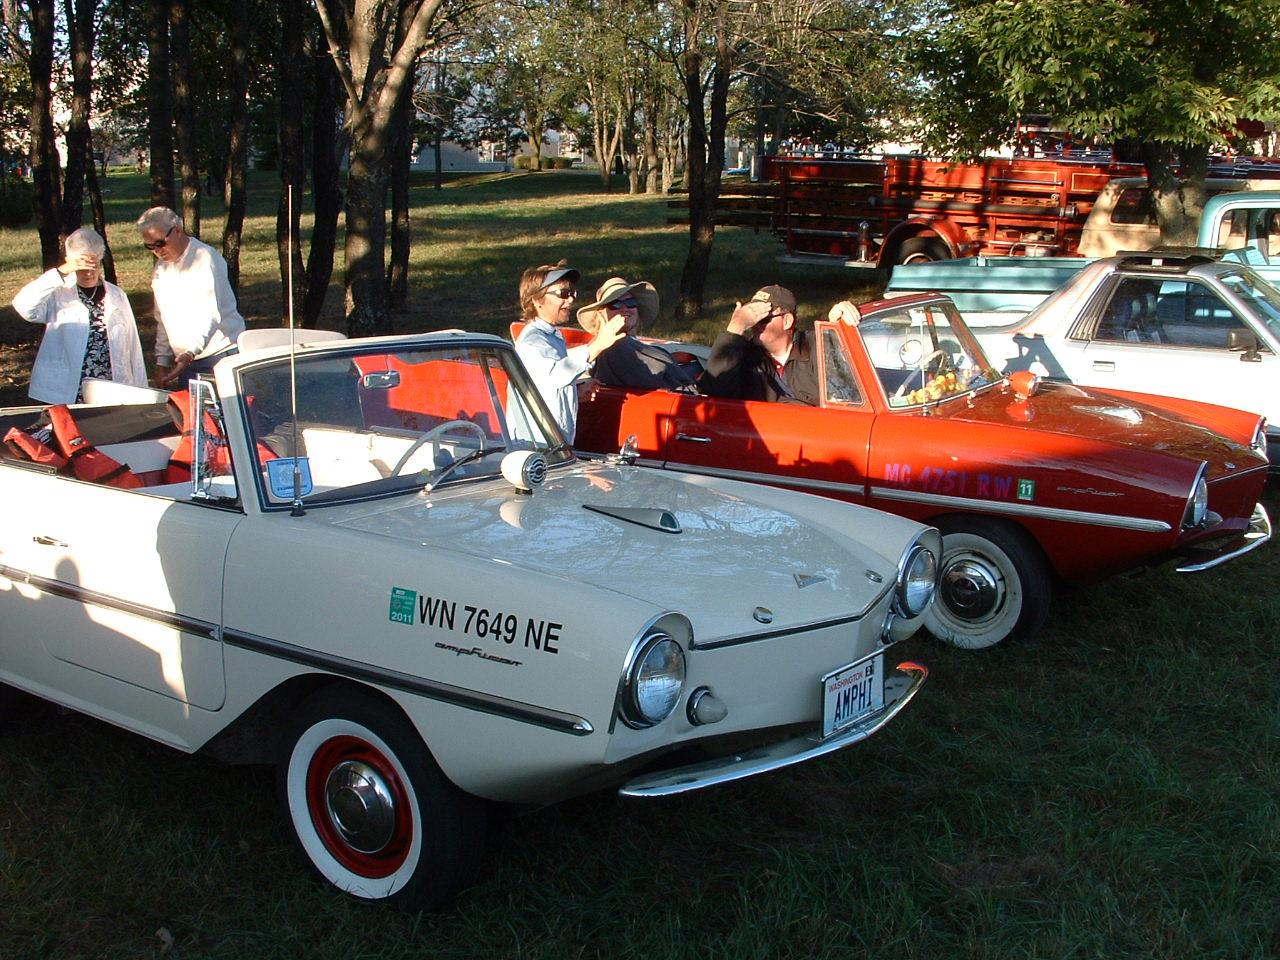 Trendway Benefit Car Show,